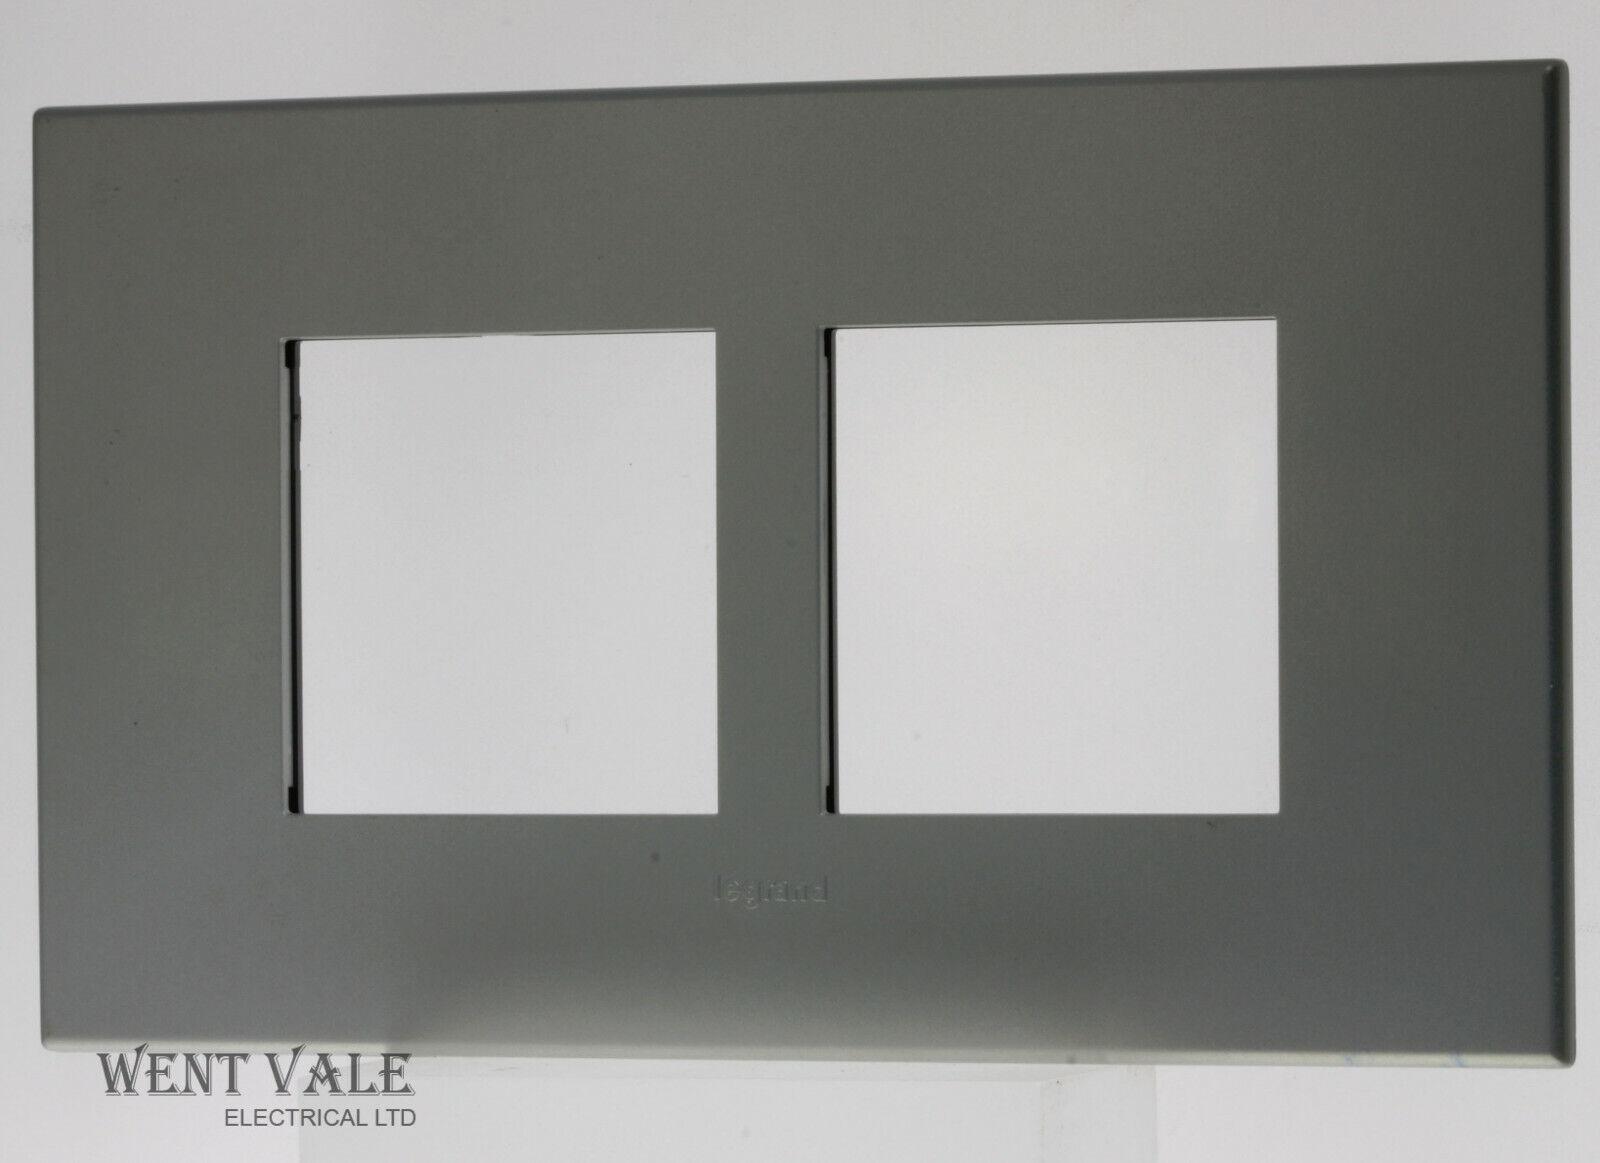 Legrand Arteor Neutral Range - 5750 81 - 4 Modual 2 x 2 Square Cover Plate In Pearl Aluminium